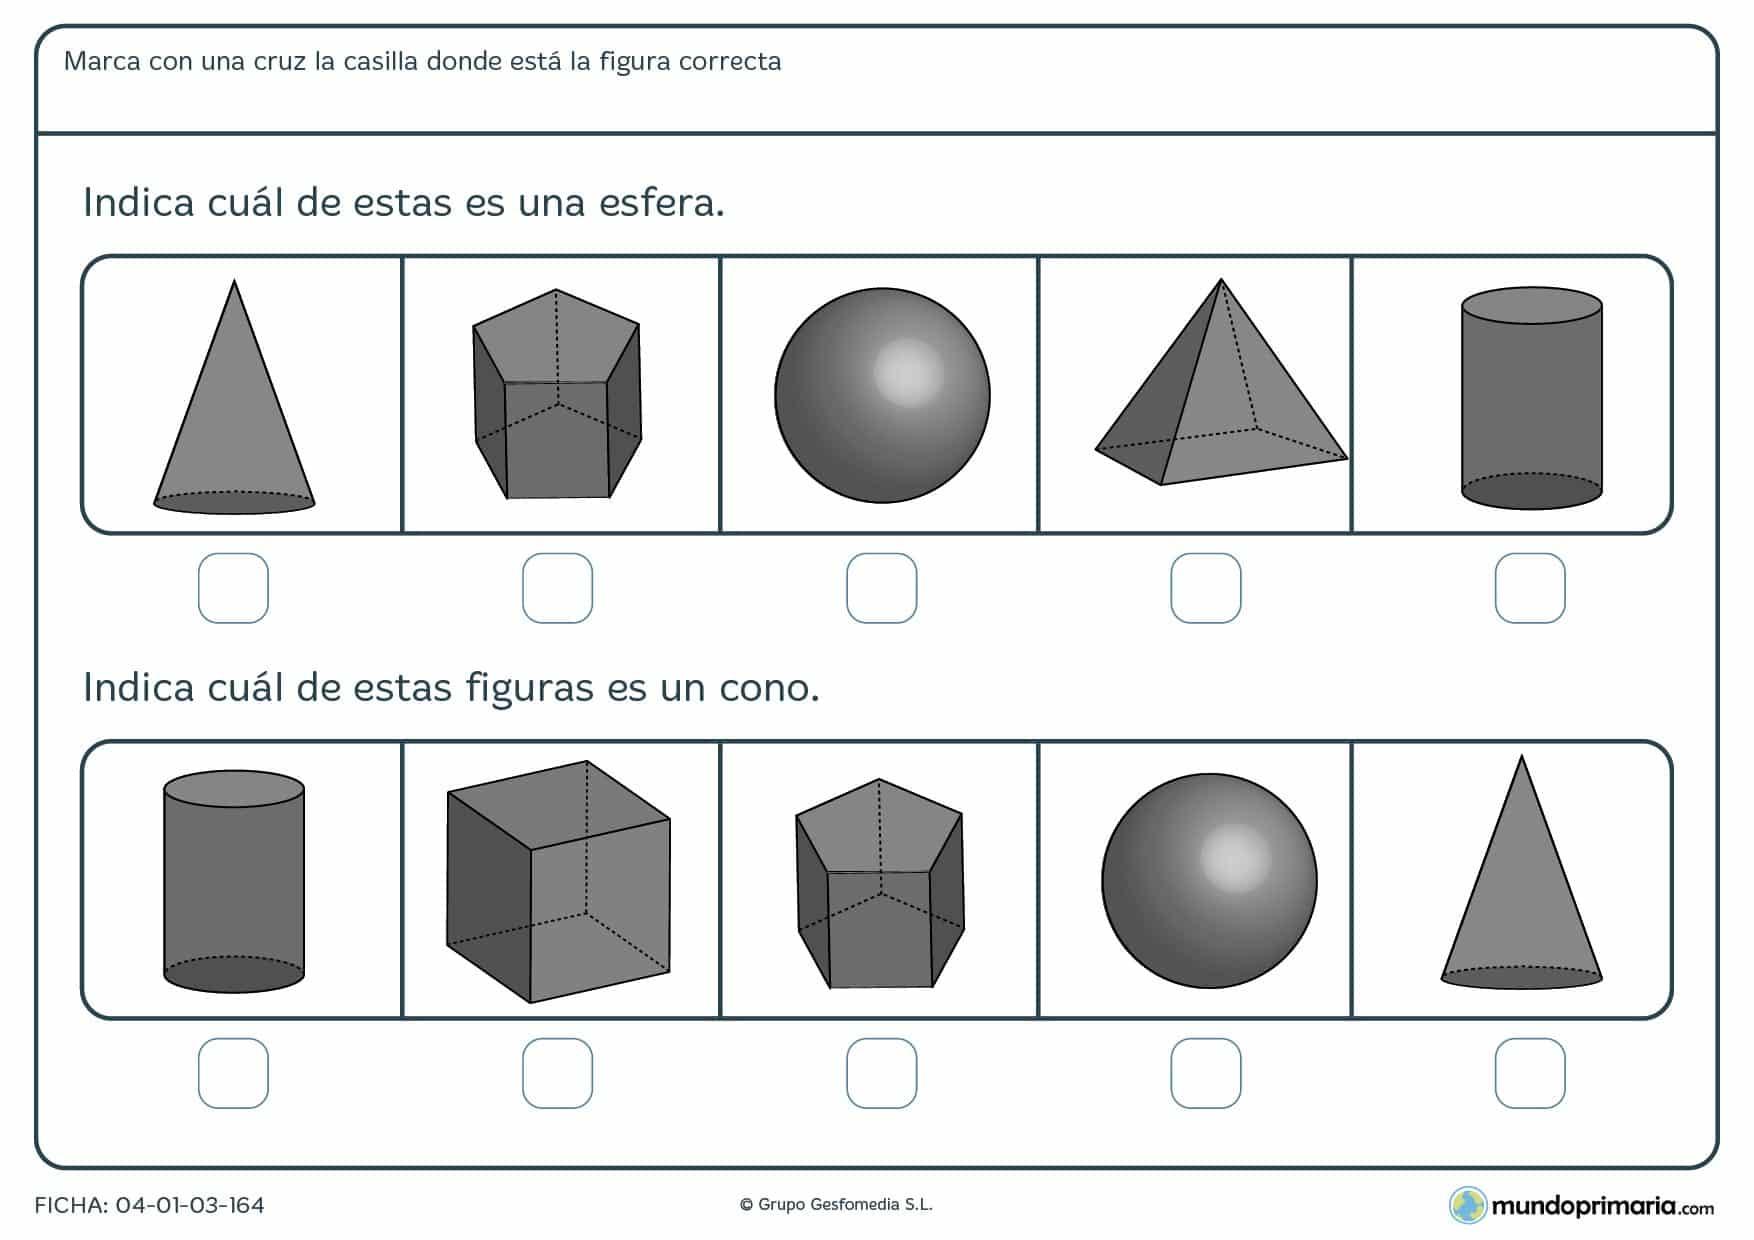 Ficha de identificar esferas, conos, cubos, etc. Hay que marcar 2 cuerpos geométricos entre 10 figuras diferentes.